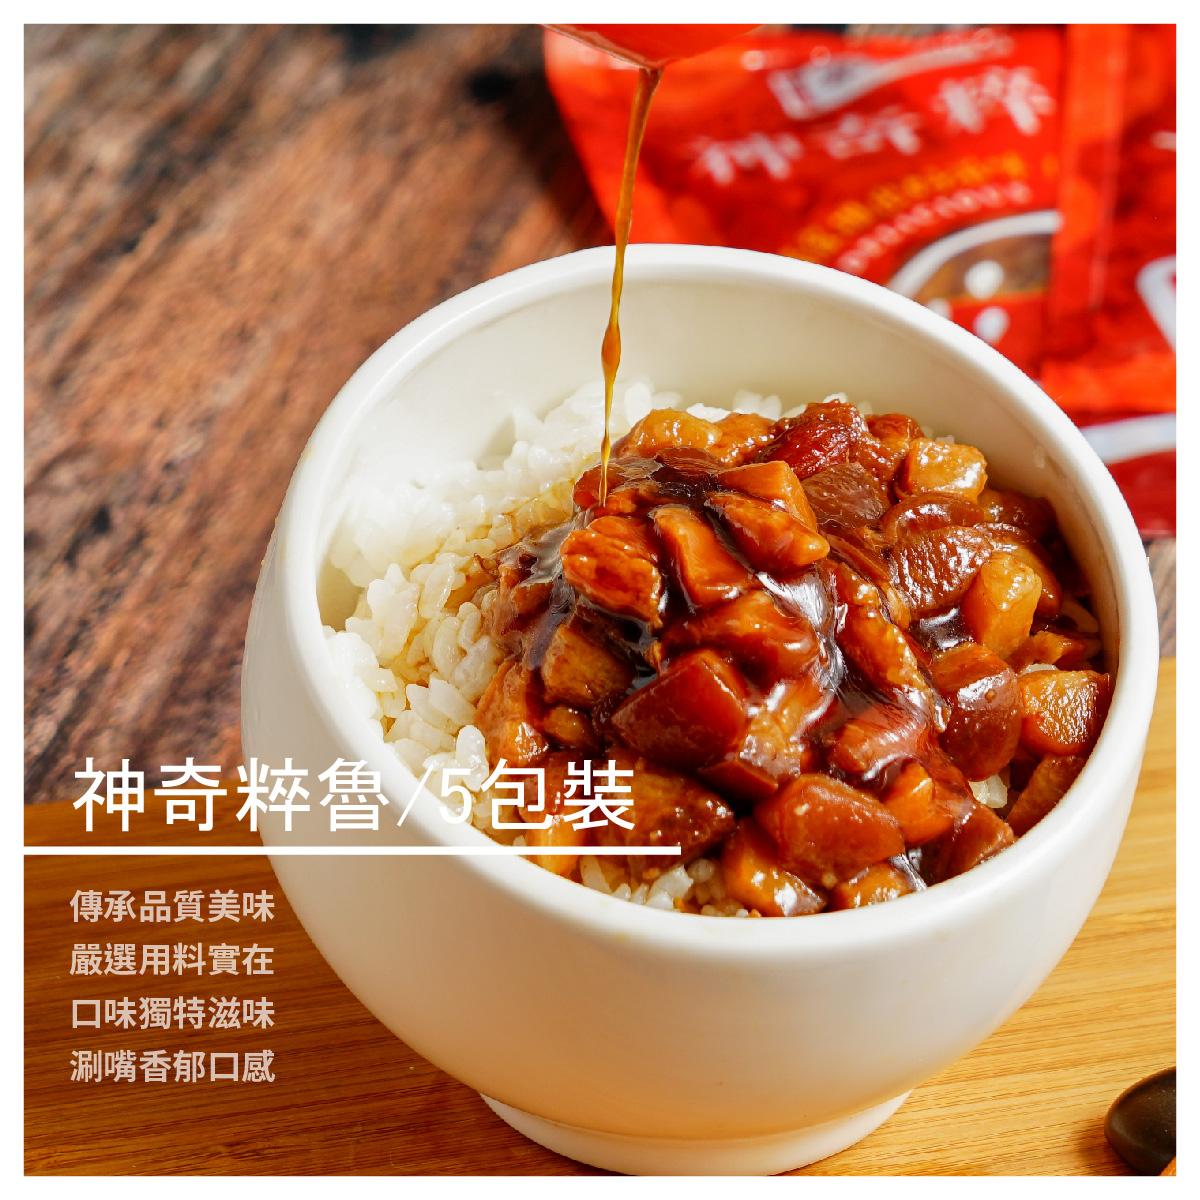 【神奇粹魯】神奇粹魯(家氏滷 滷肉 滷肉飯 調理包)/5包裝